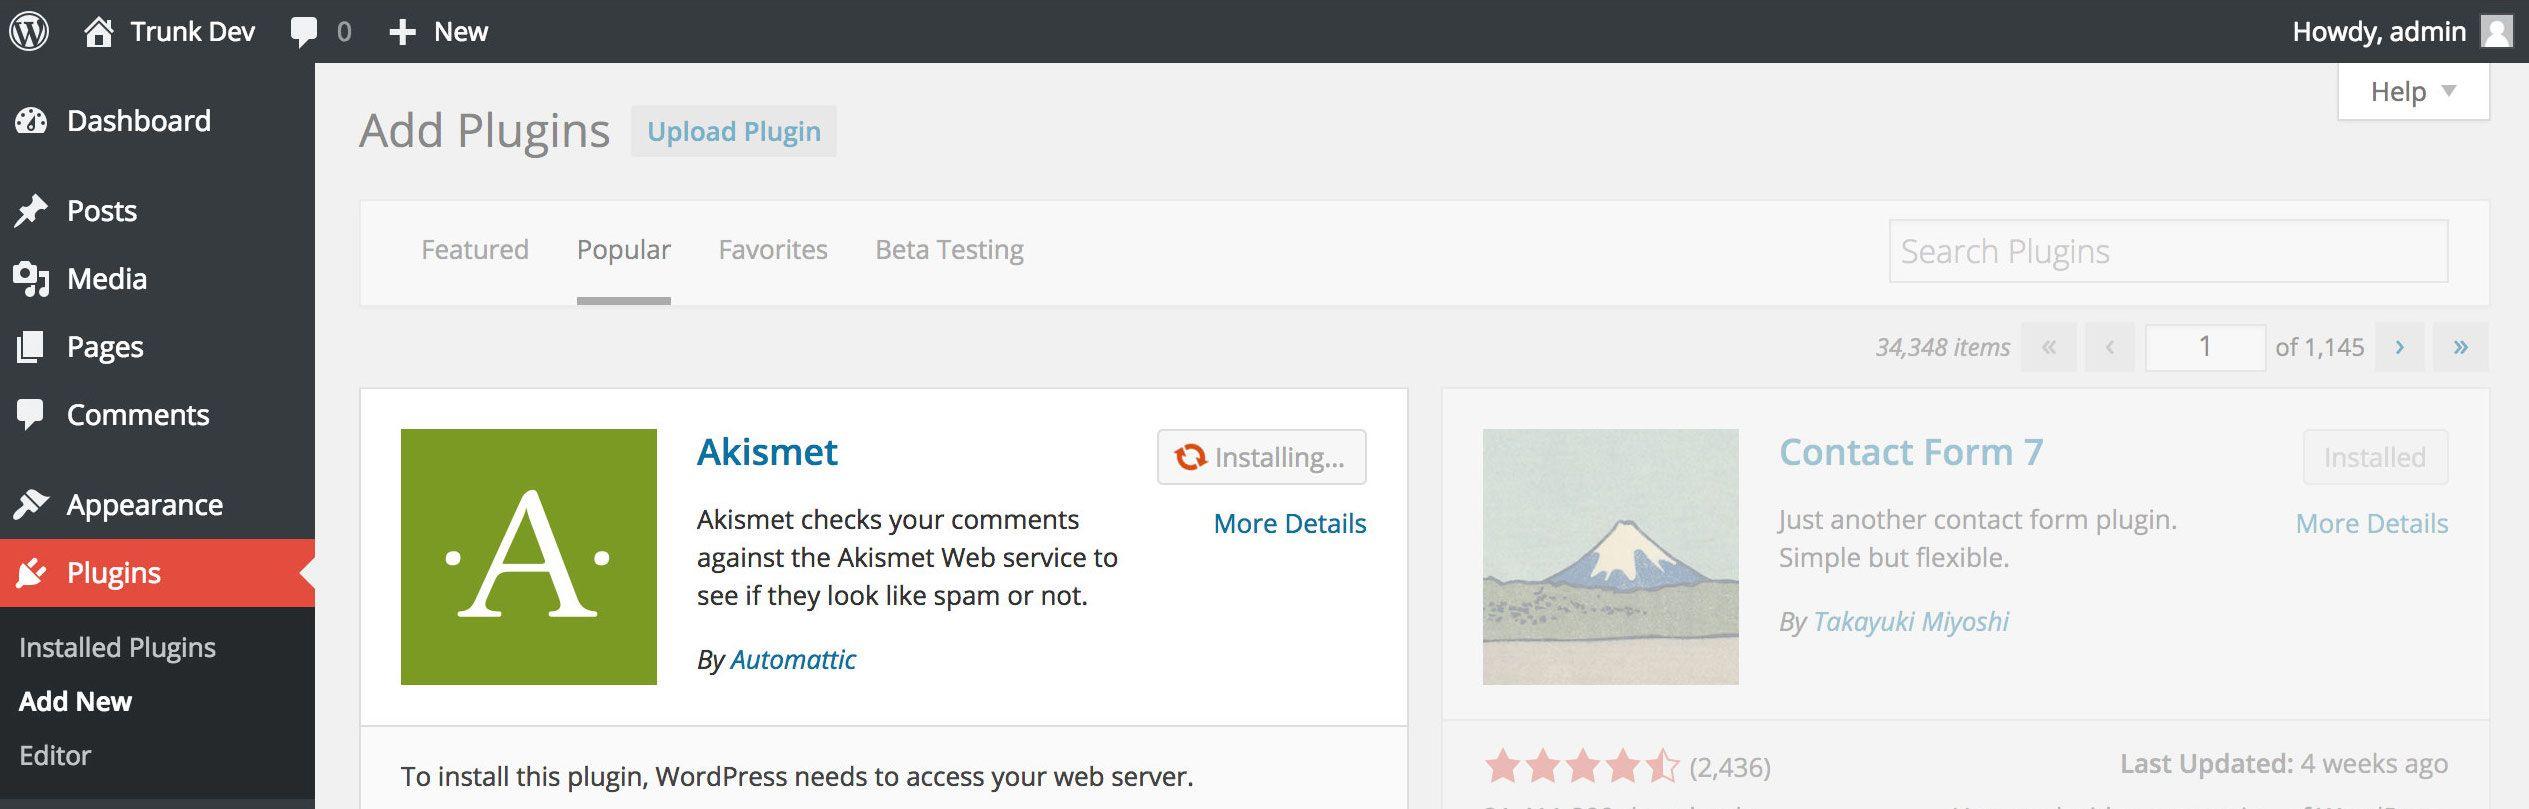 Обновление плагинов в WordPress 4.2